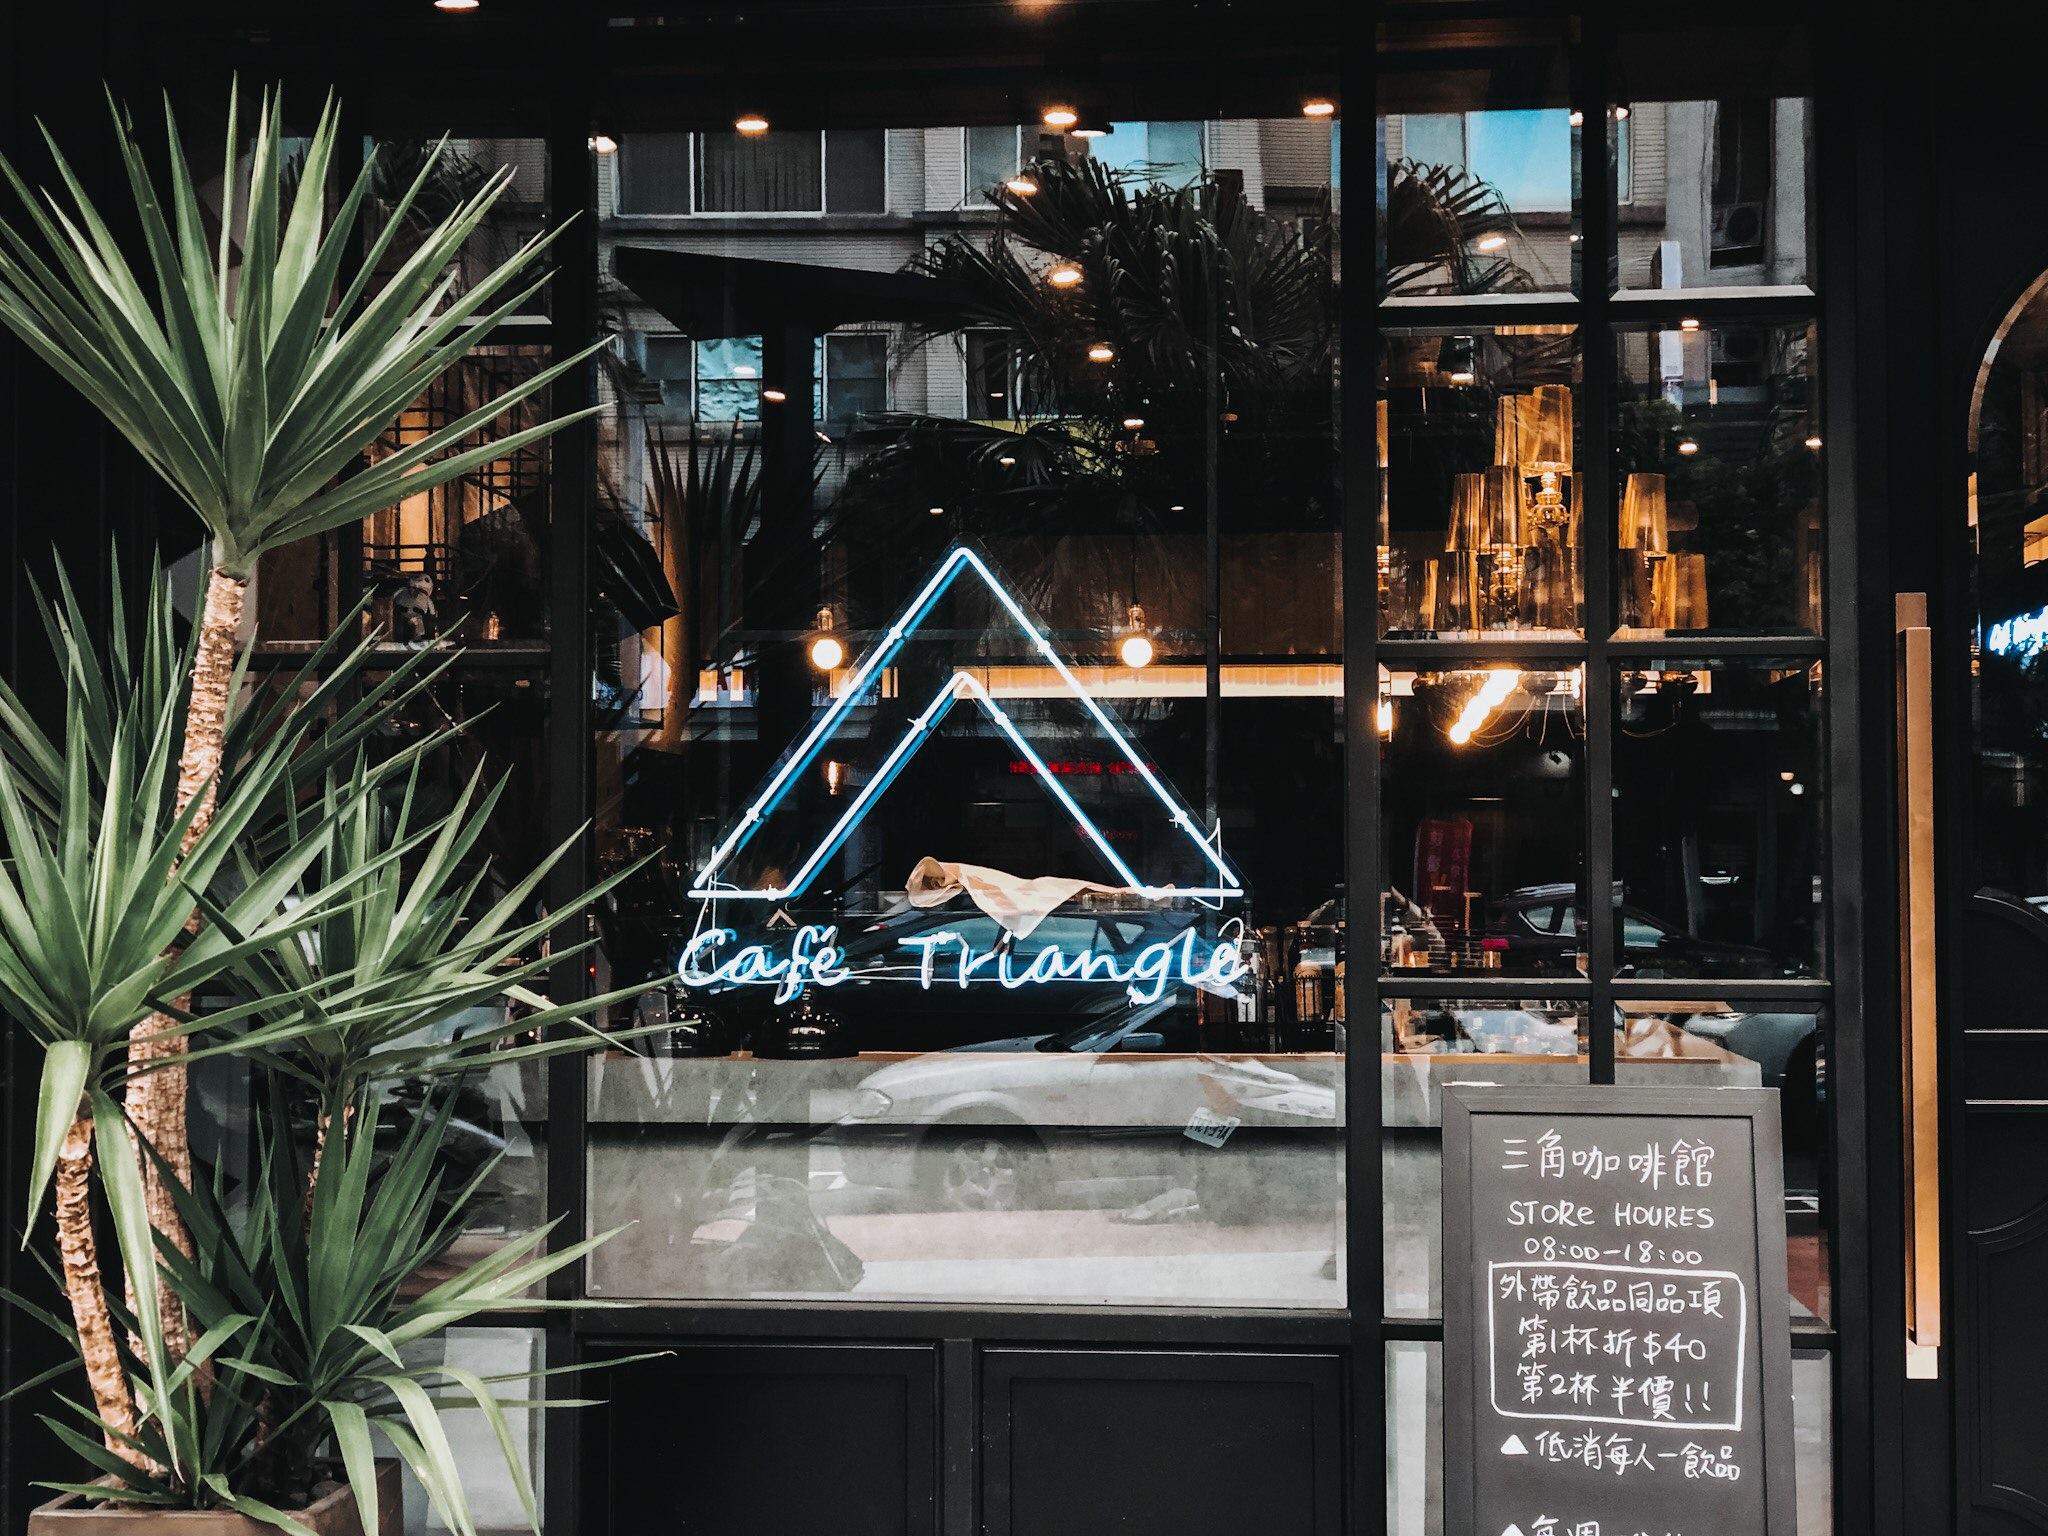 新竹竹北| 三角咖啡館貳店 CAFÉ TRIANGLE · 英式工業復古咖啡館 · 文青